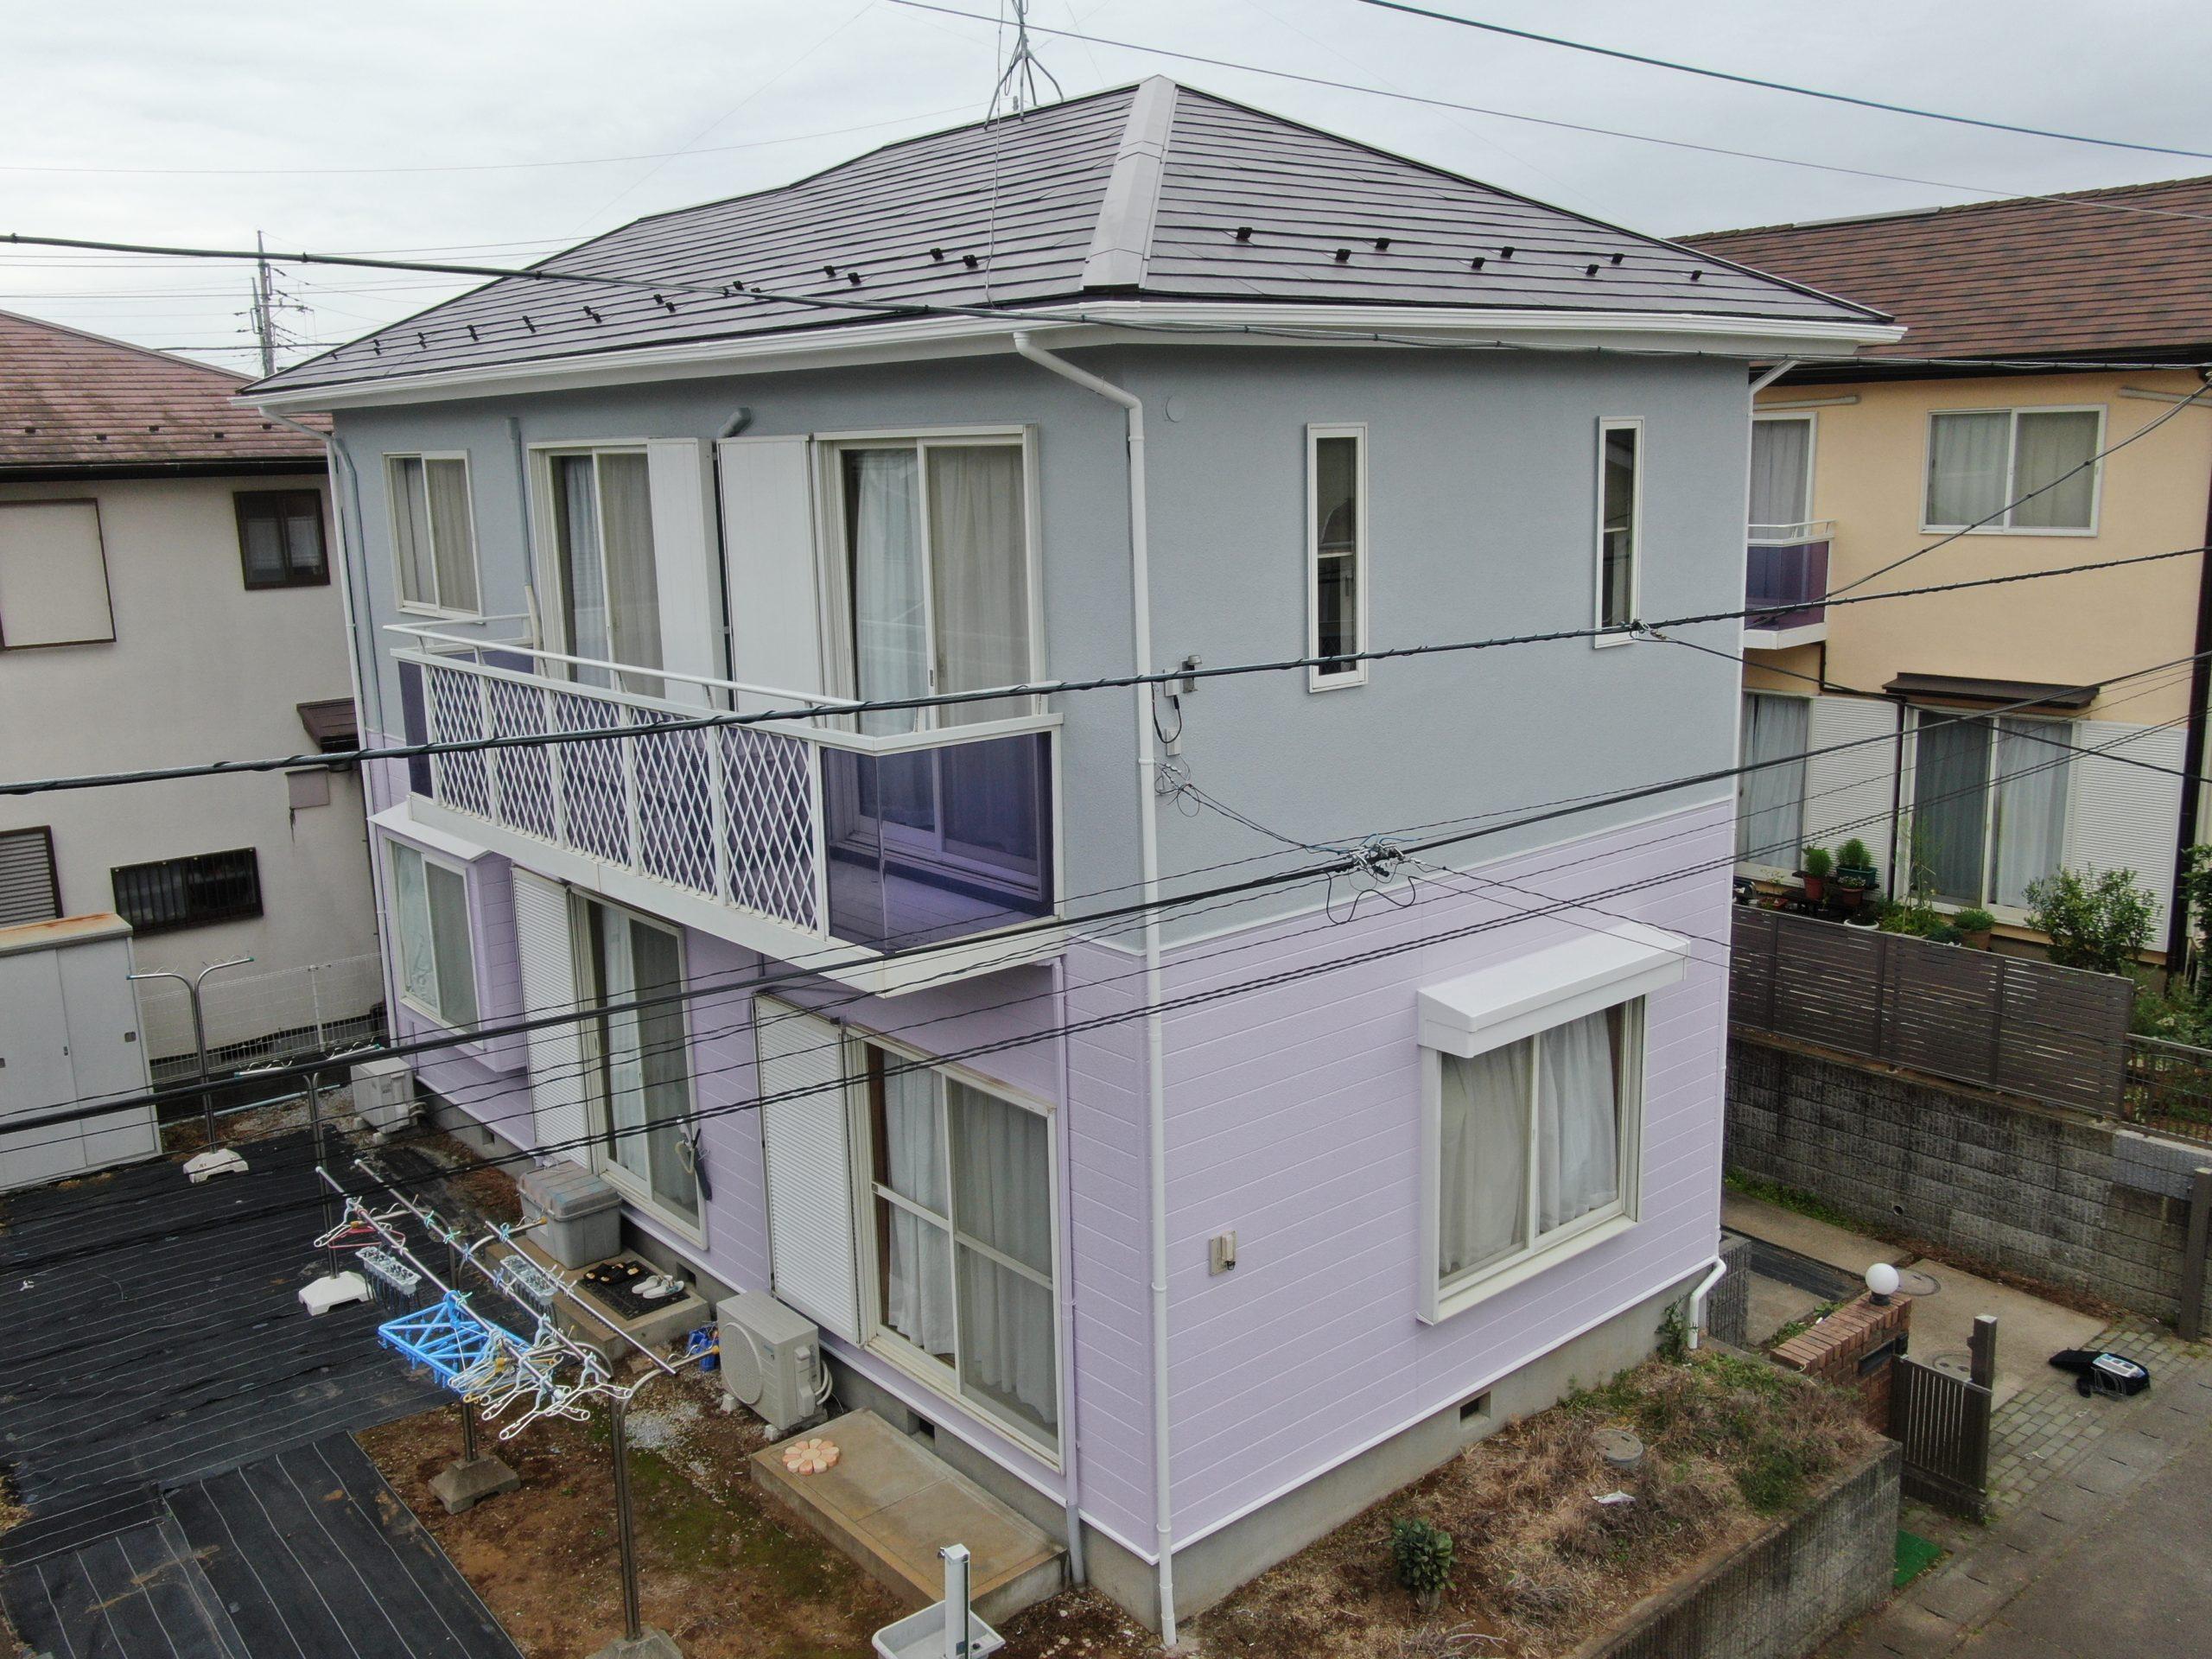 茨城県、つくば市・牛久市・土浦市・龍ヶ崎市・取手市の外壁屋根塗装はハウスメイク牛久 牛久市N様邸